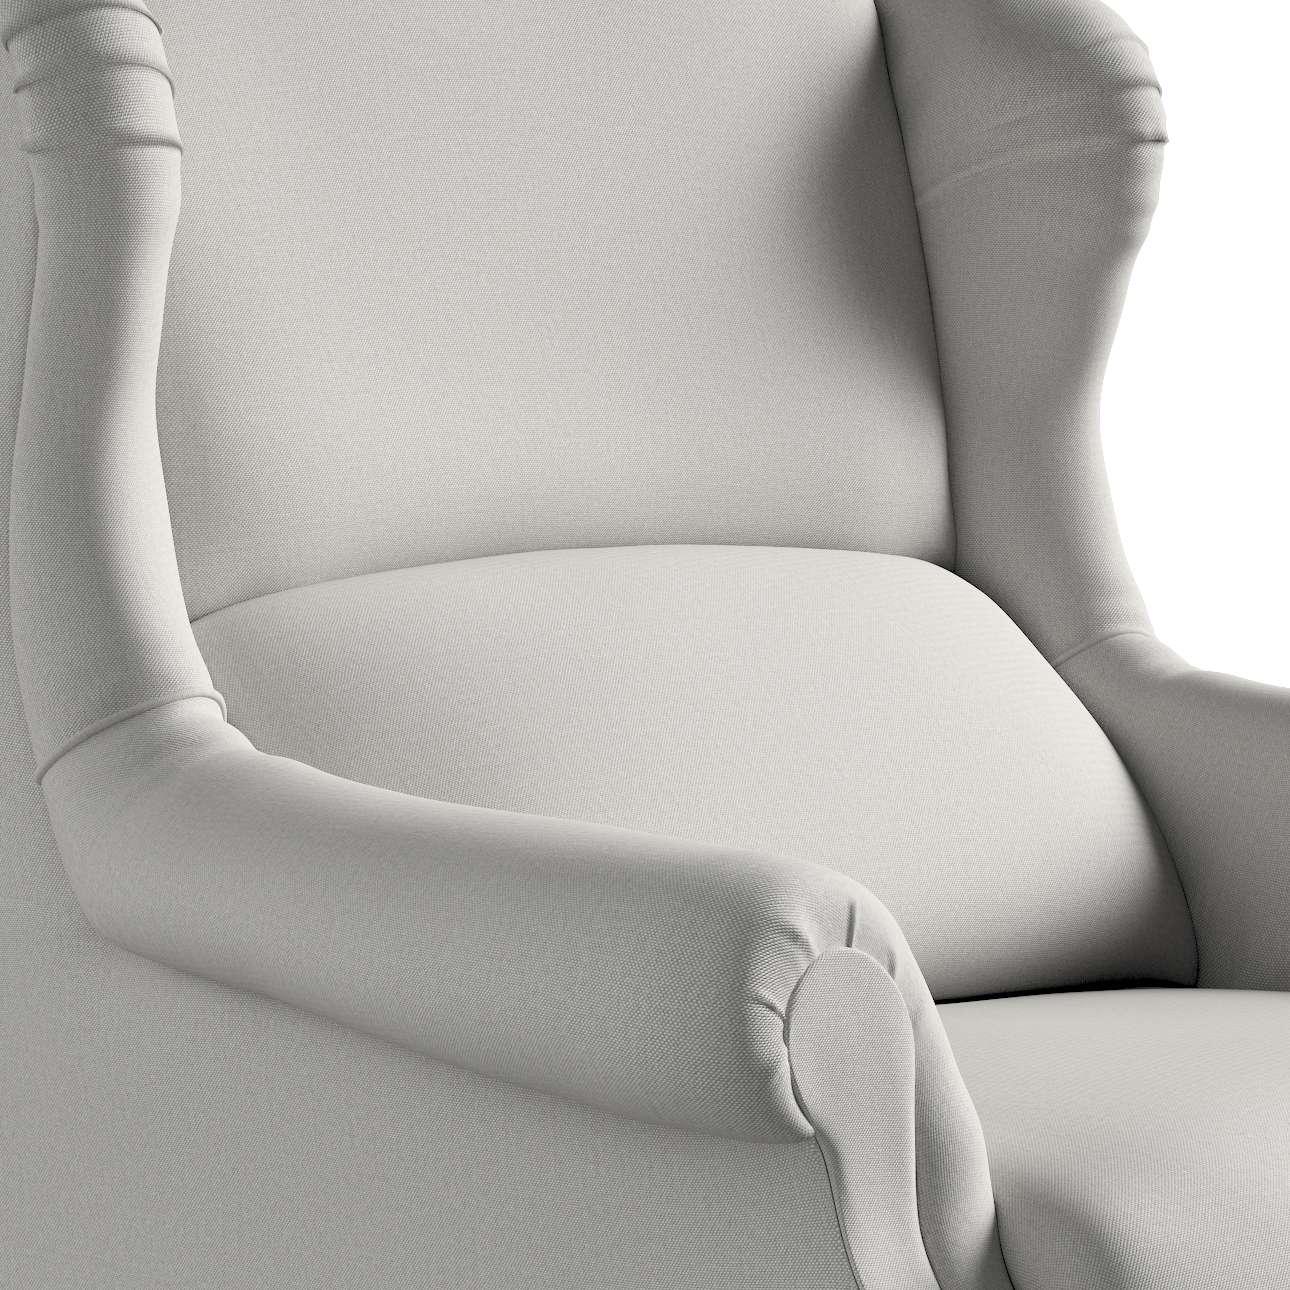 Sessel 63 x 115 cm von der Kollektion Etna, Stoff: 705-90